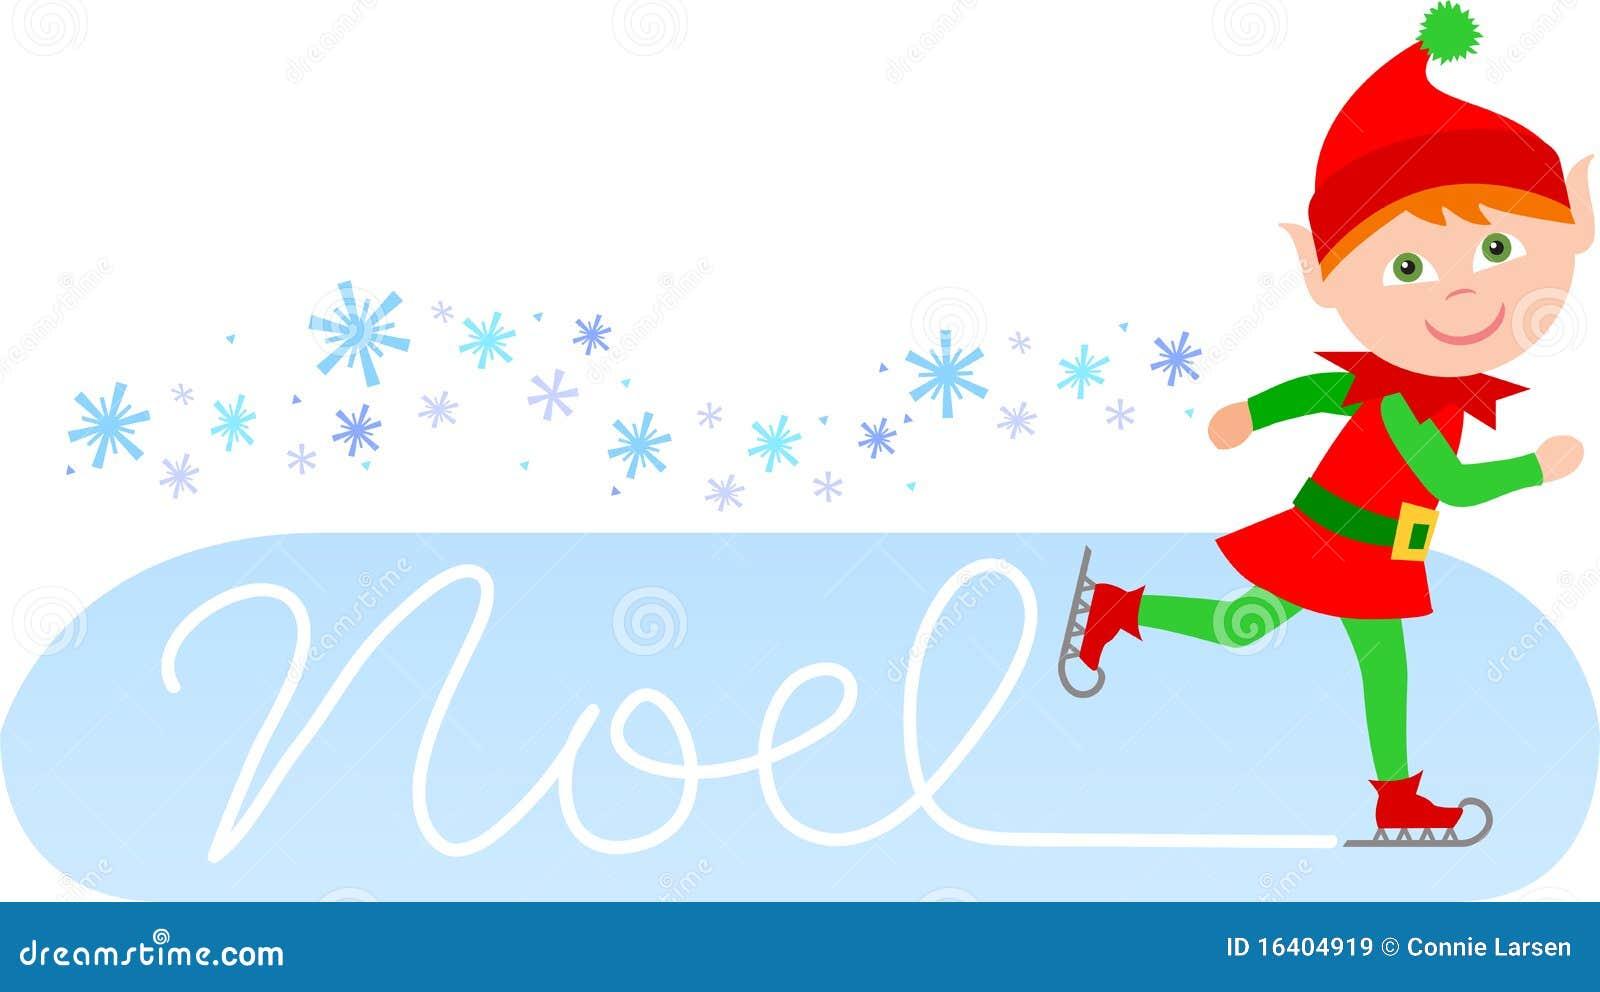 noel skating elf  eps stock illustration image of ornament ice skate clip art black & white ice skates clip art black line